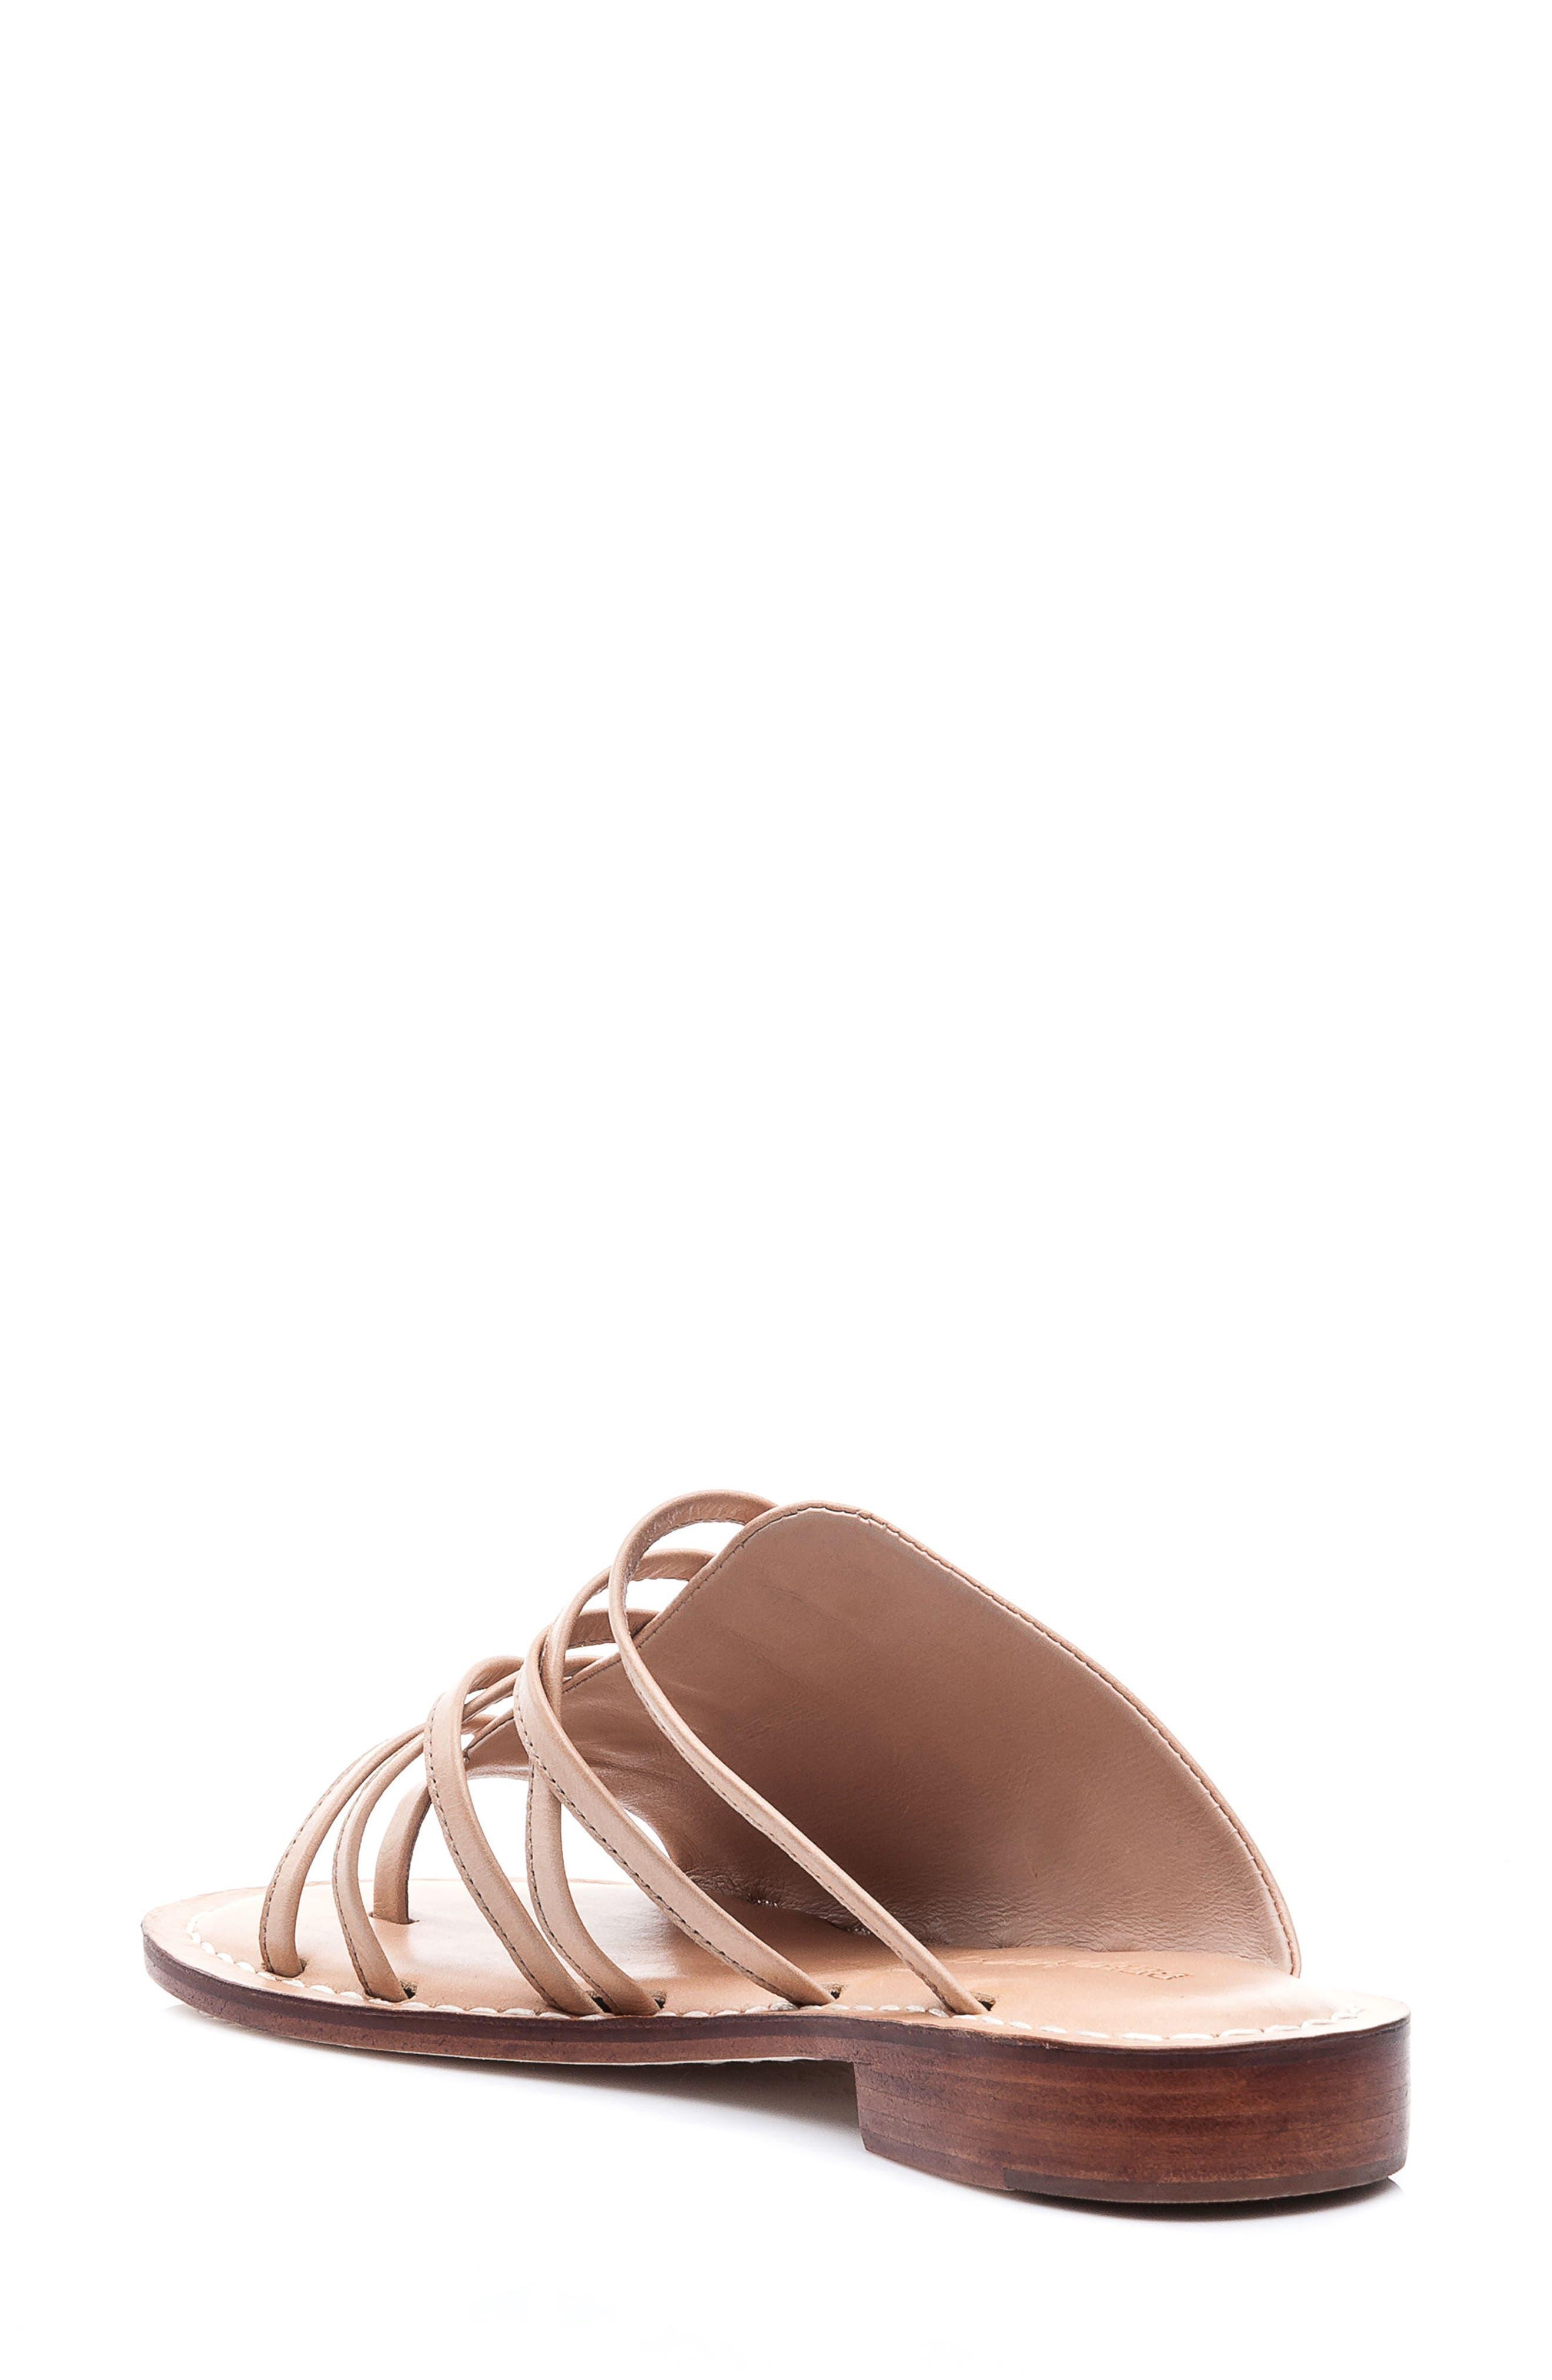 Bernardo Tori Slide Sandal,                             Alternate thumbnail 2, color,                             Light Camel Leather